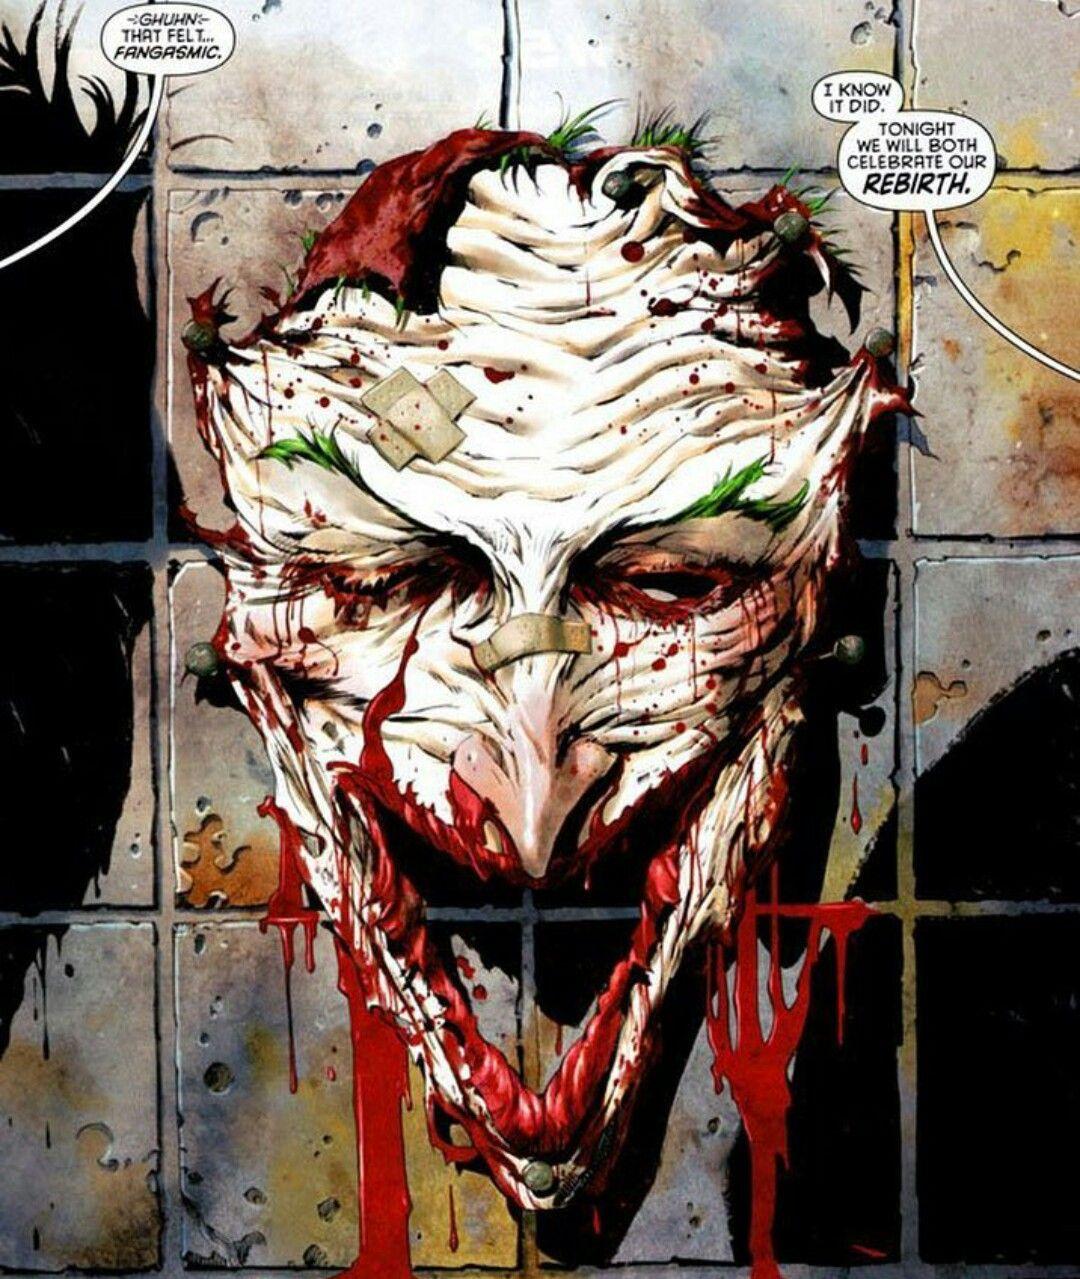 The Joker Face Cut Off Comics Joker Comic Detective